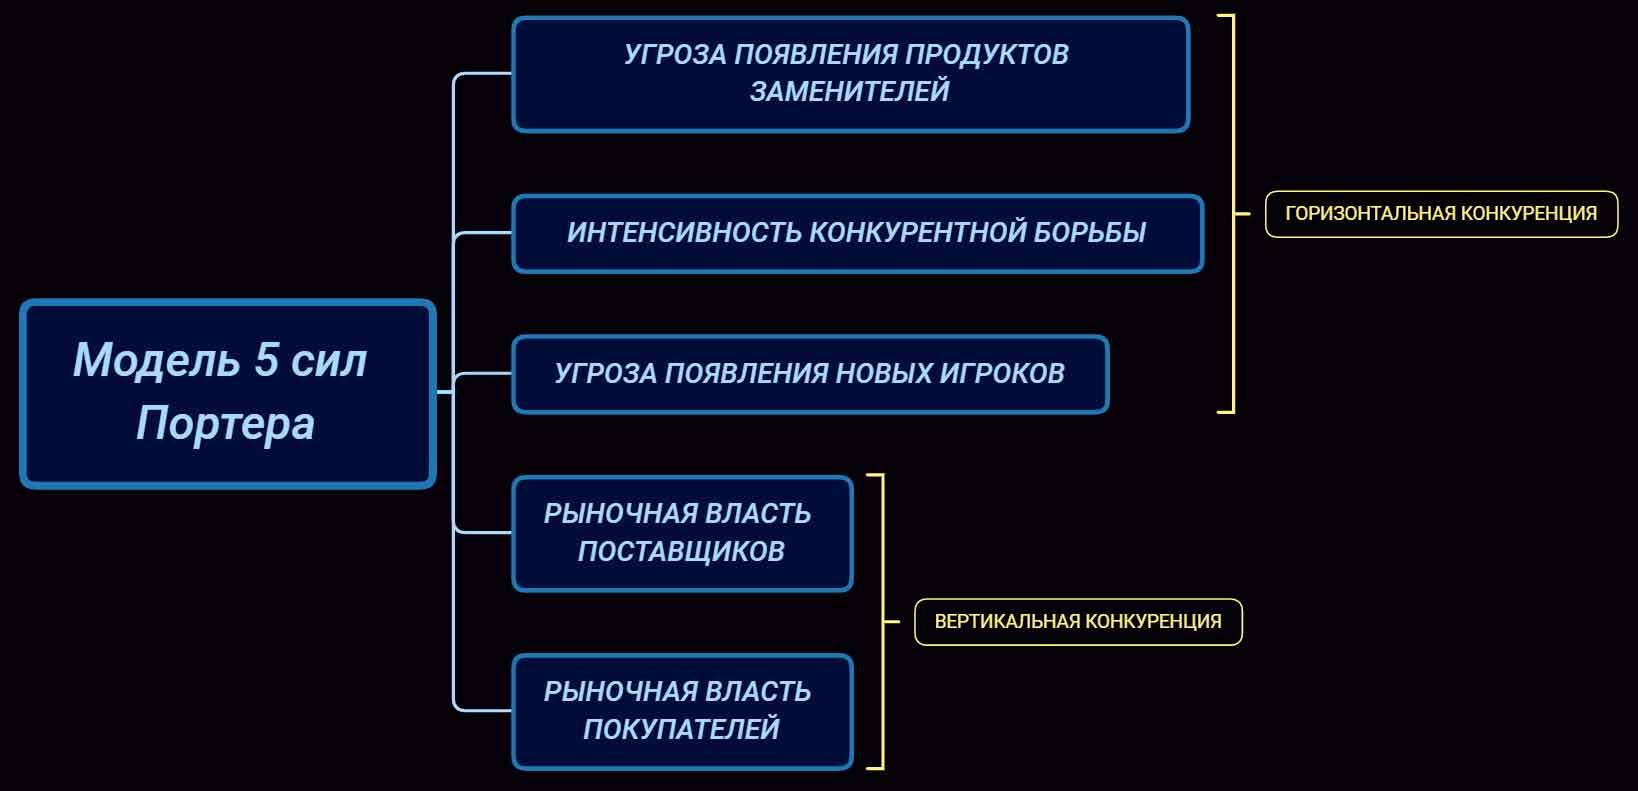 Модель 5 конкурентных сил Майкла Портера